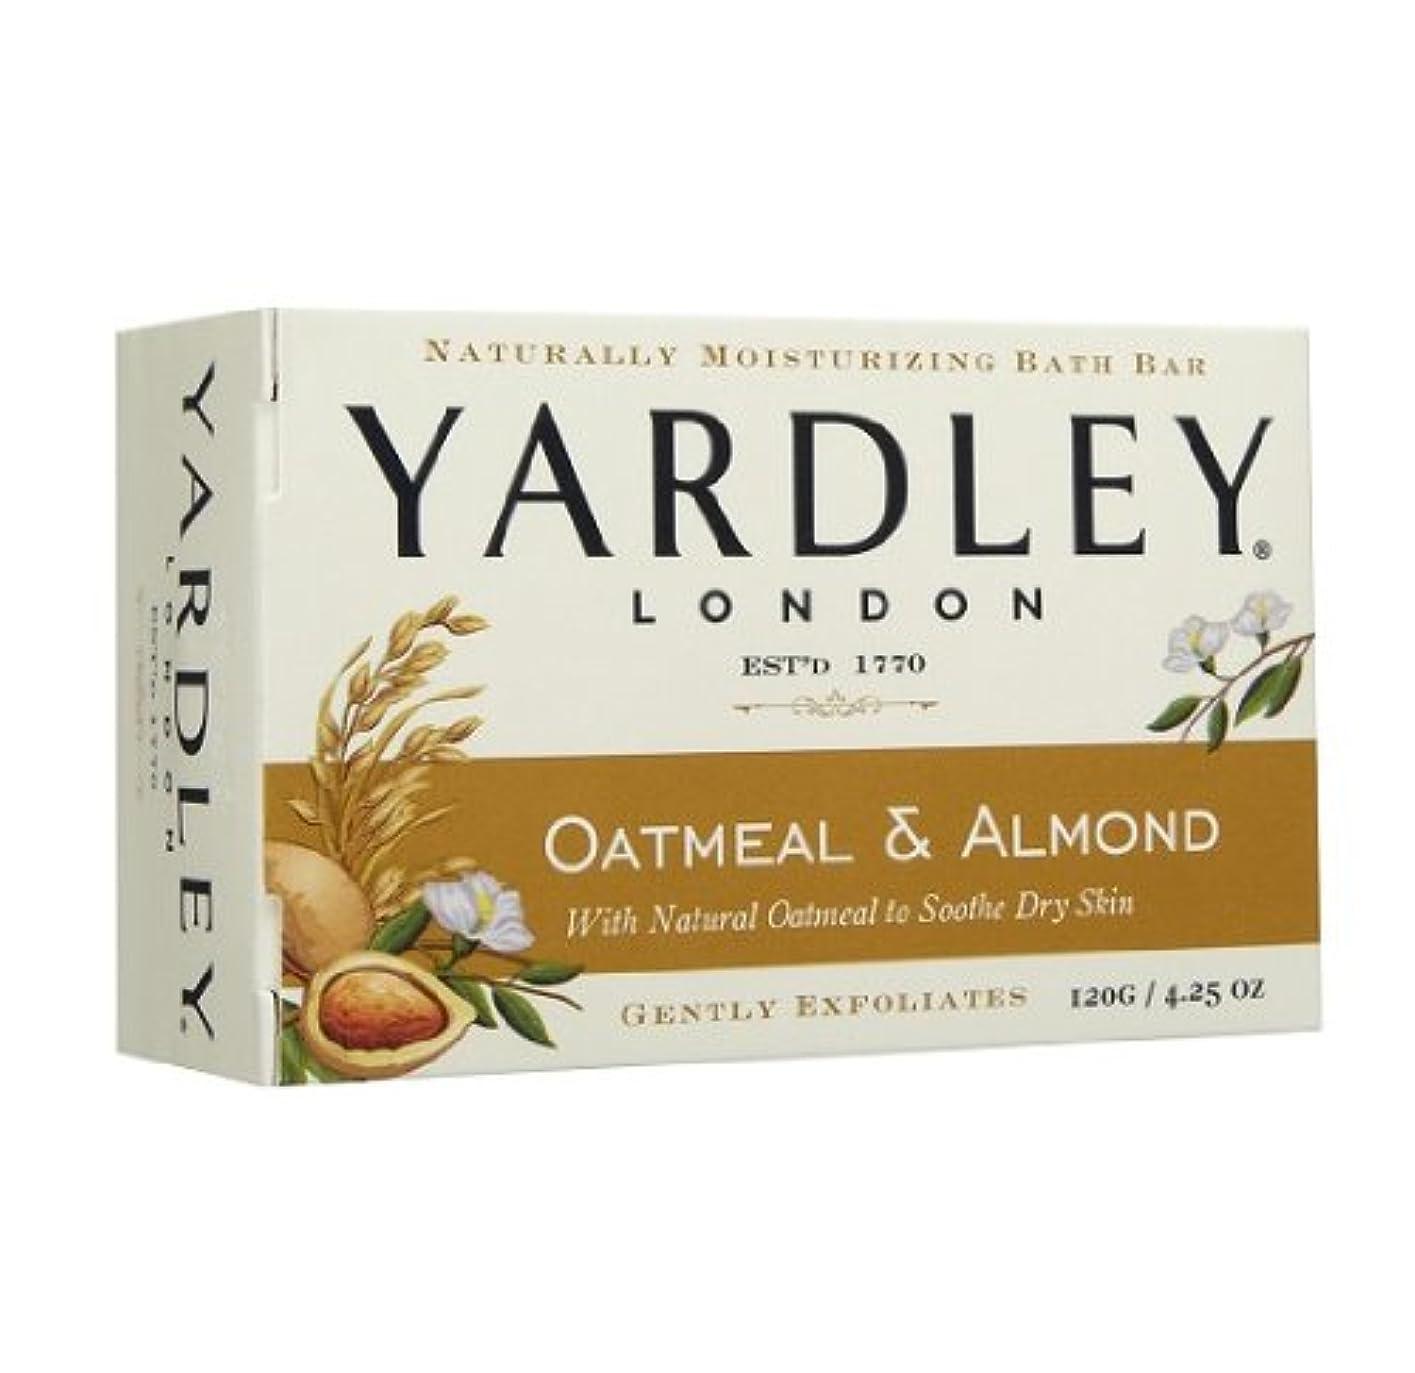 検出するハリウッド水分【2個:ハワイ直送品】Yardley London Oatmean & Almond Moisturizing Bath Bar ヤードリー オートミール&アーモンド ソープ 120g